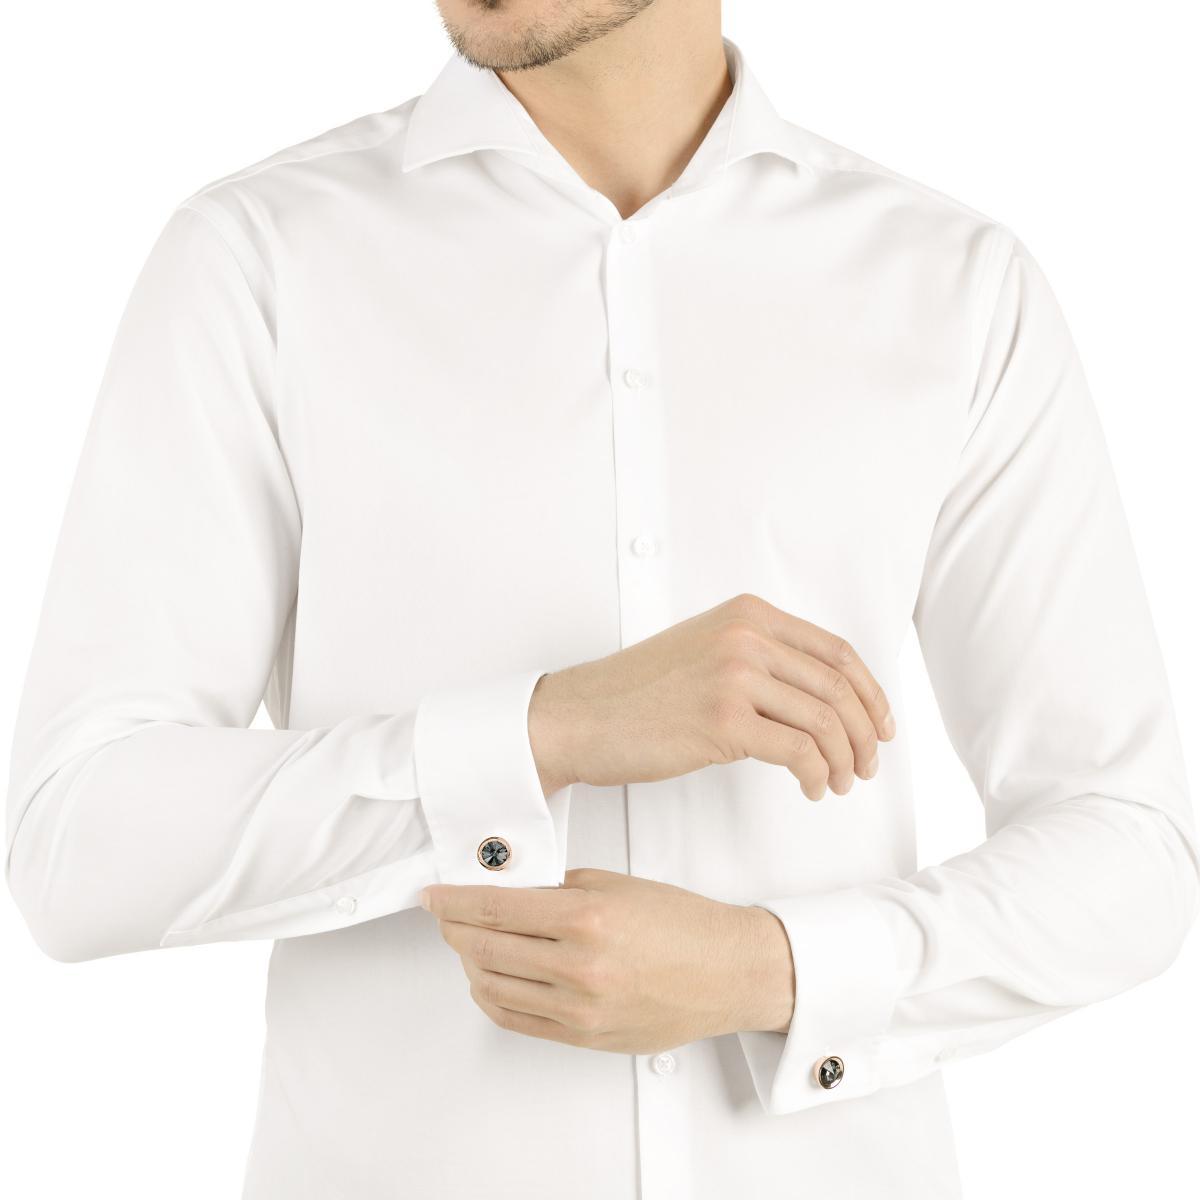 WSWSY Boutons De Manchette Homme Boutons de Manchette de en Nacre Accessoires de Bijoux Haut de Gamme Boutons de Manchette de Mariage pour Hommes